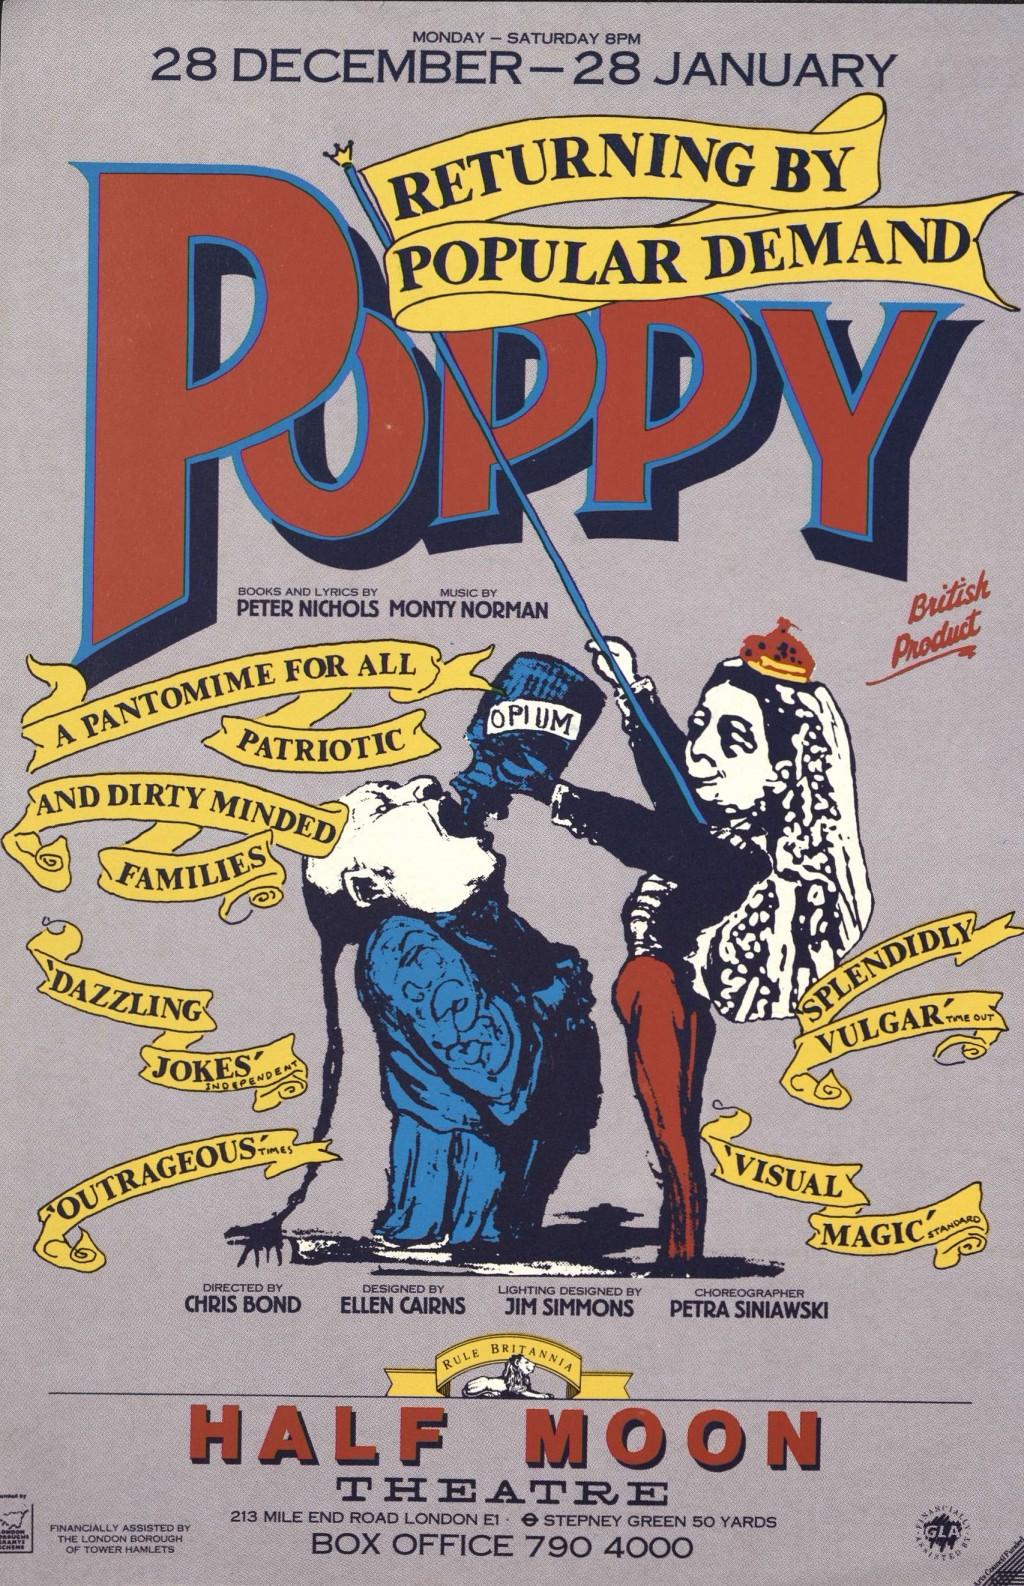 Poppy Flyer Poster